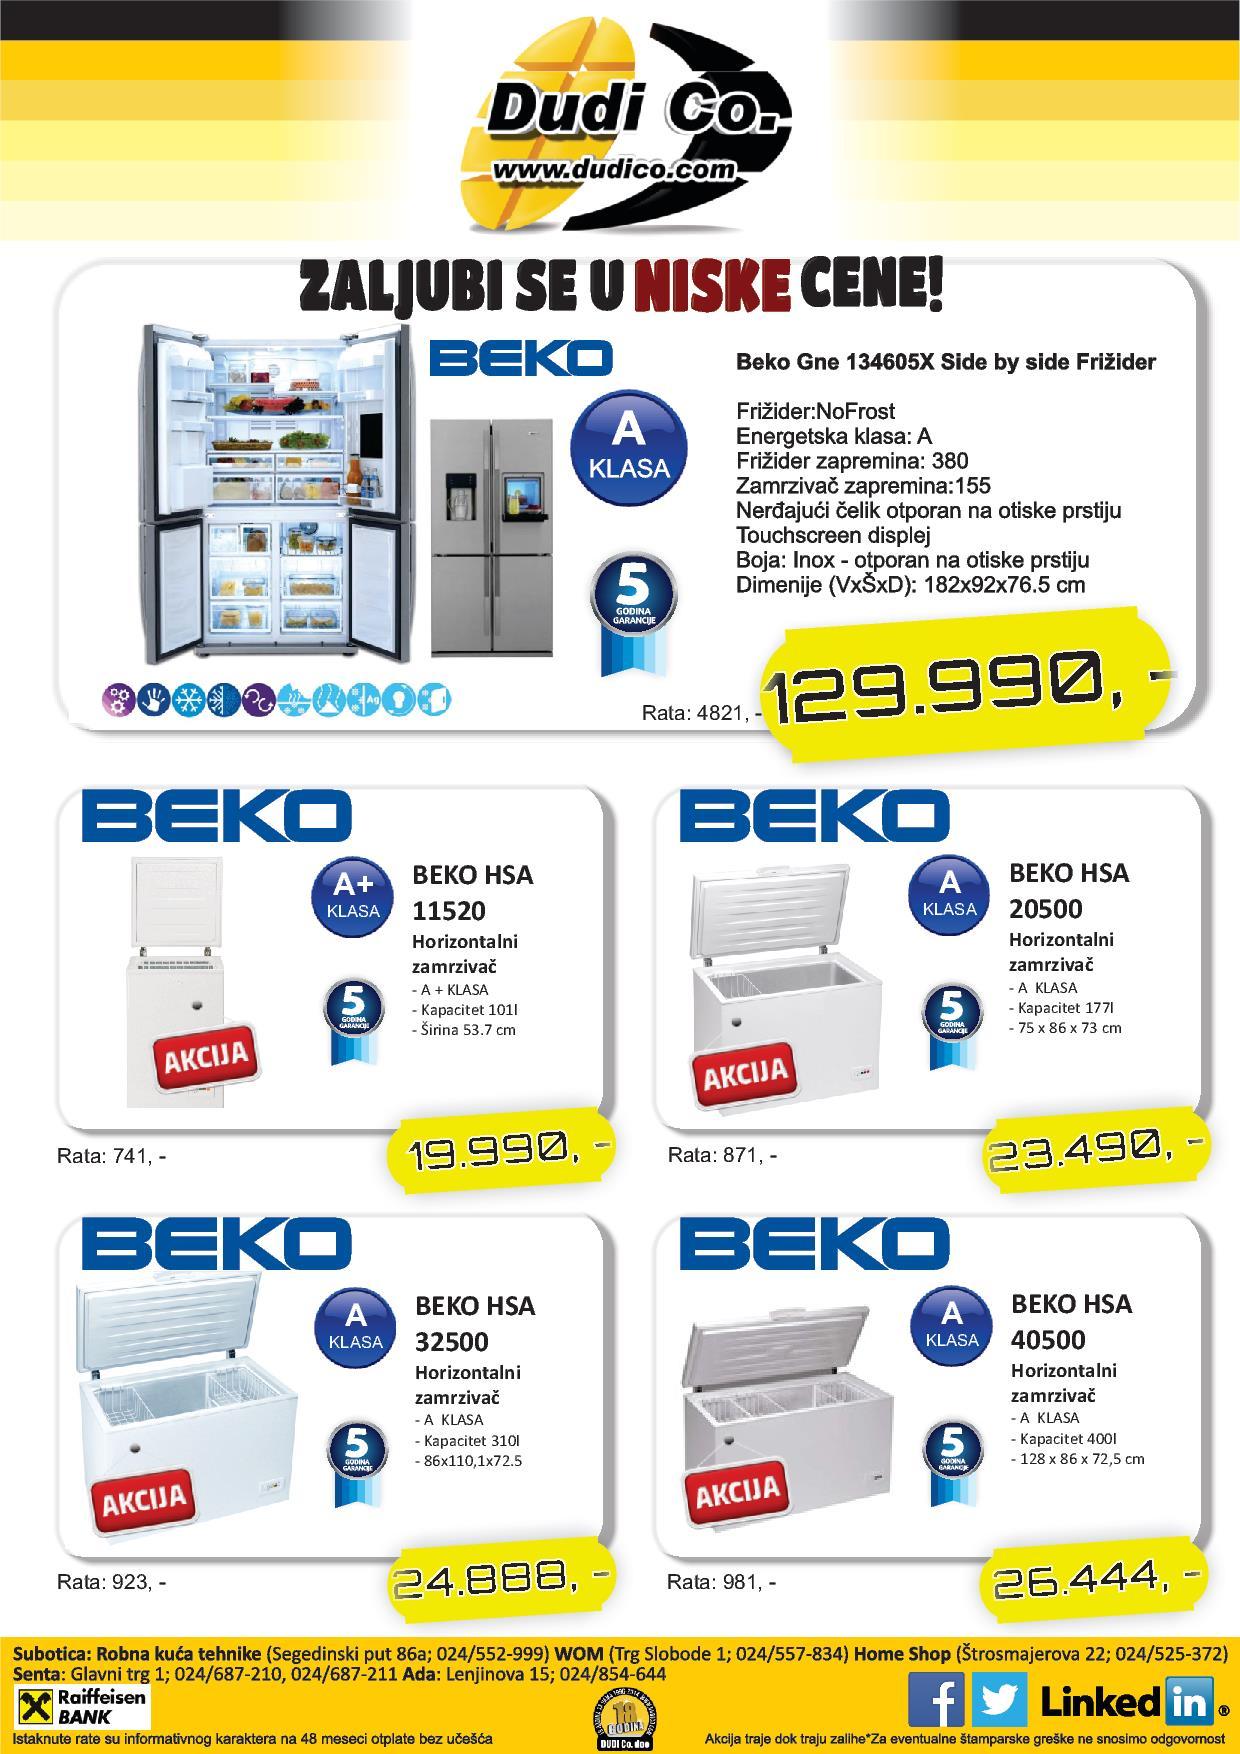 Dudico akcija niske cene frižidera